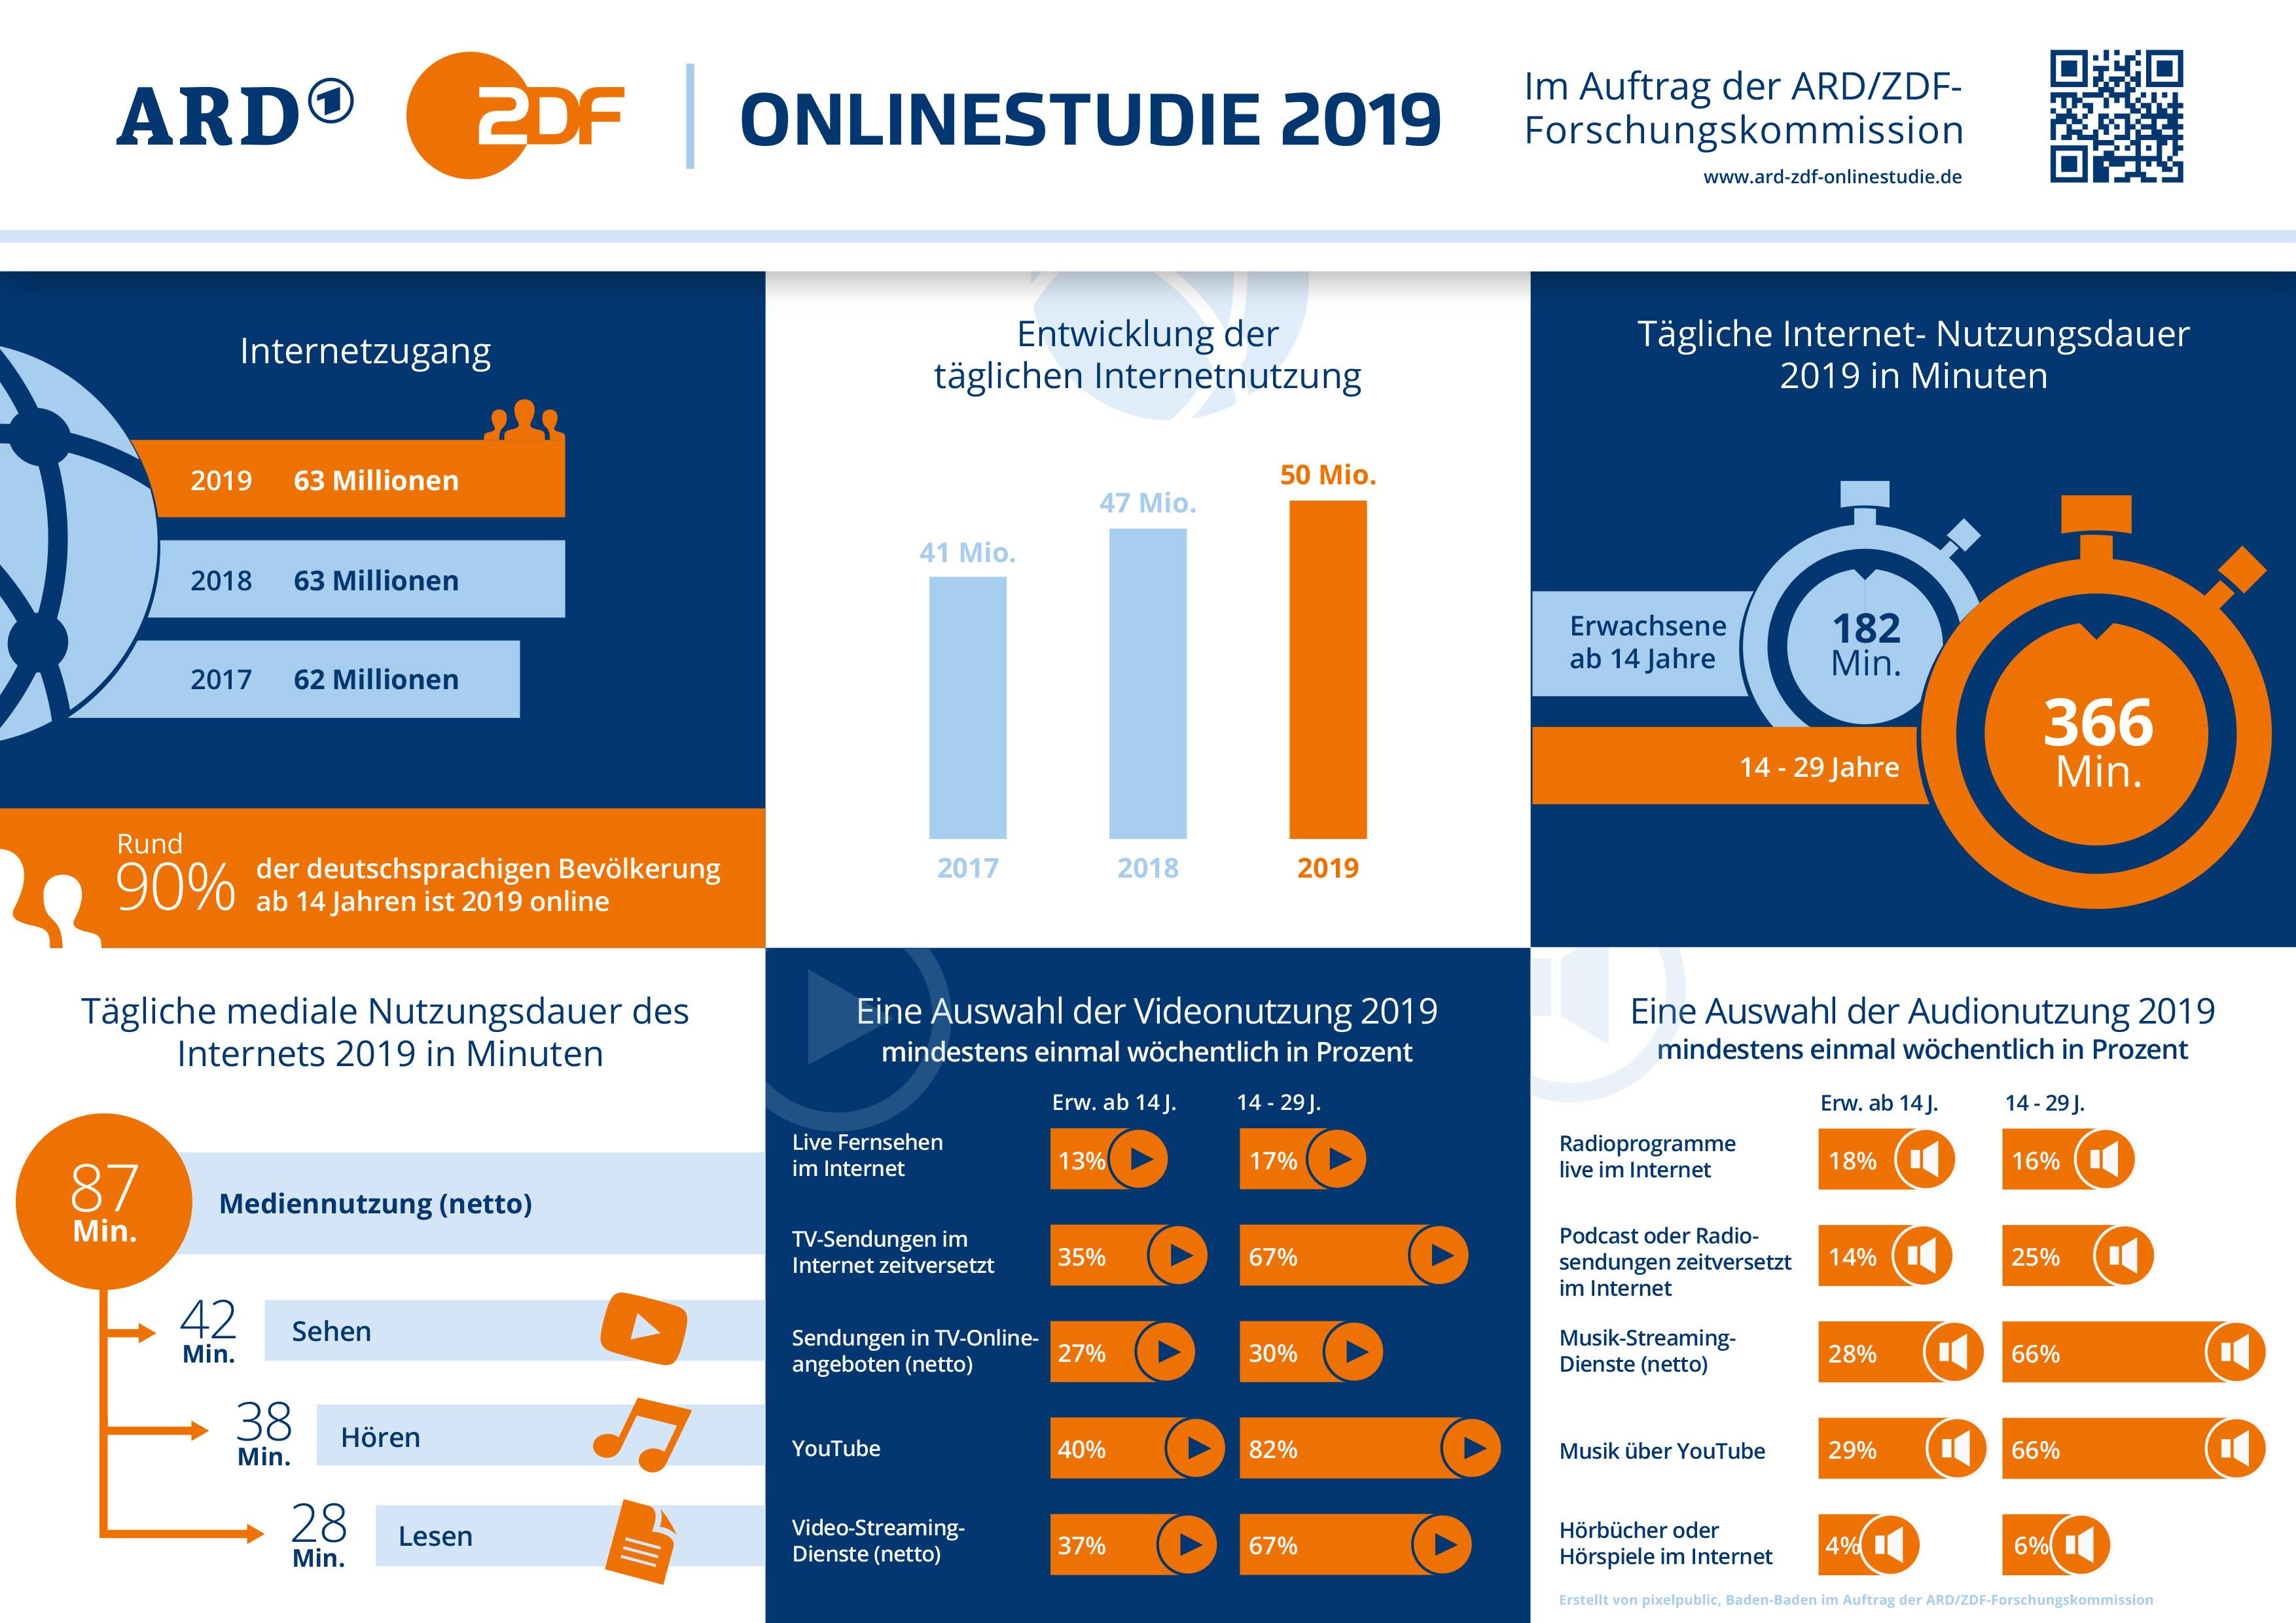 ARD/ZDF-Onlinestudie 2019: Überraschende und einige erwartbare Ergebnisse